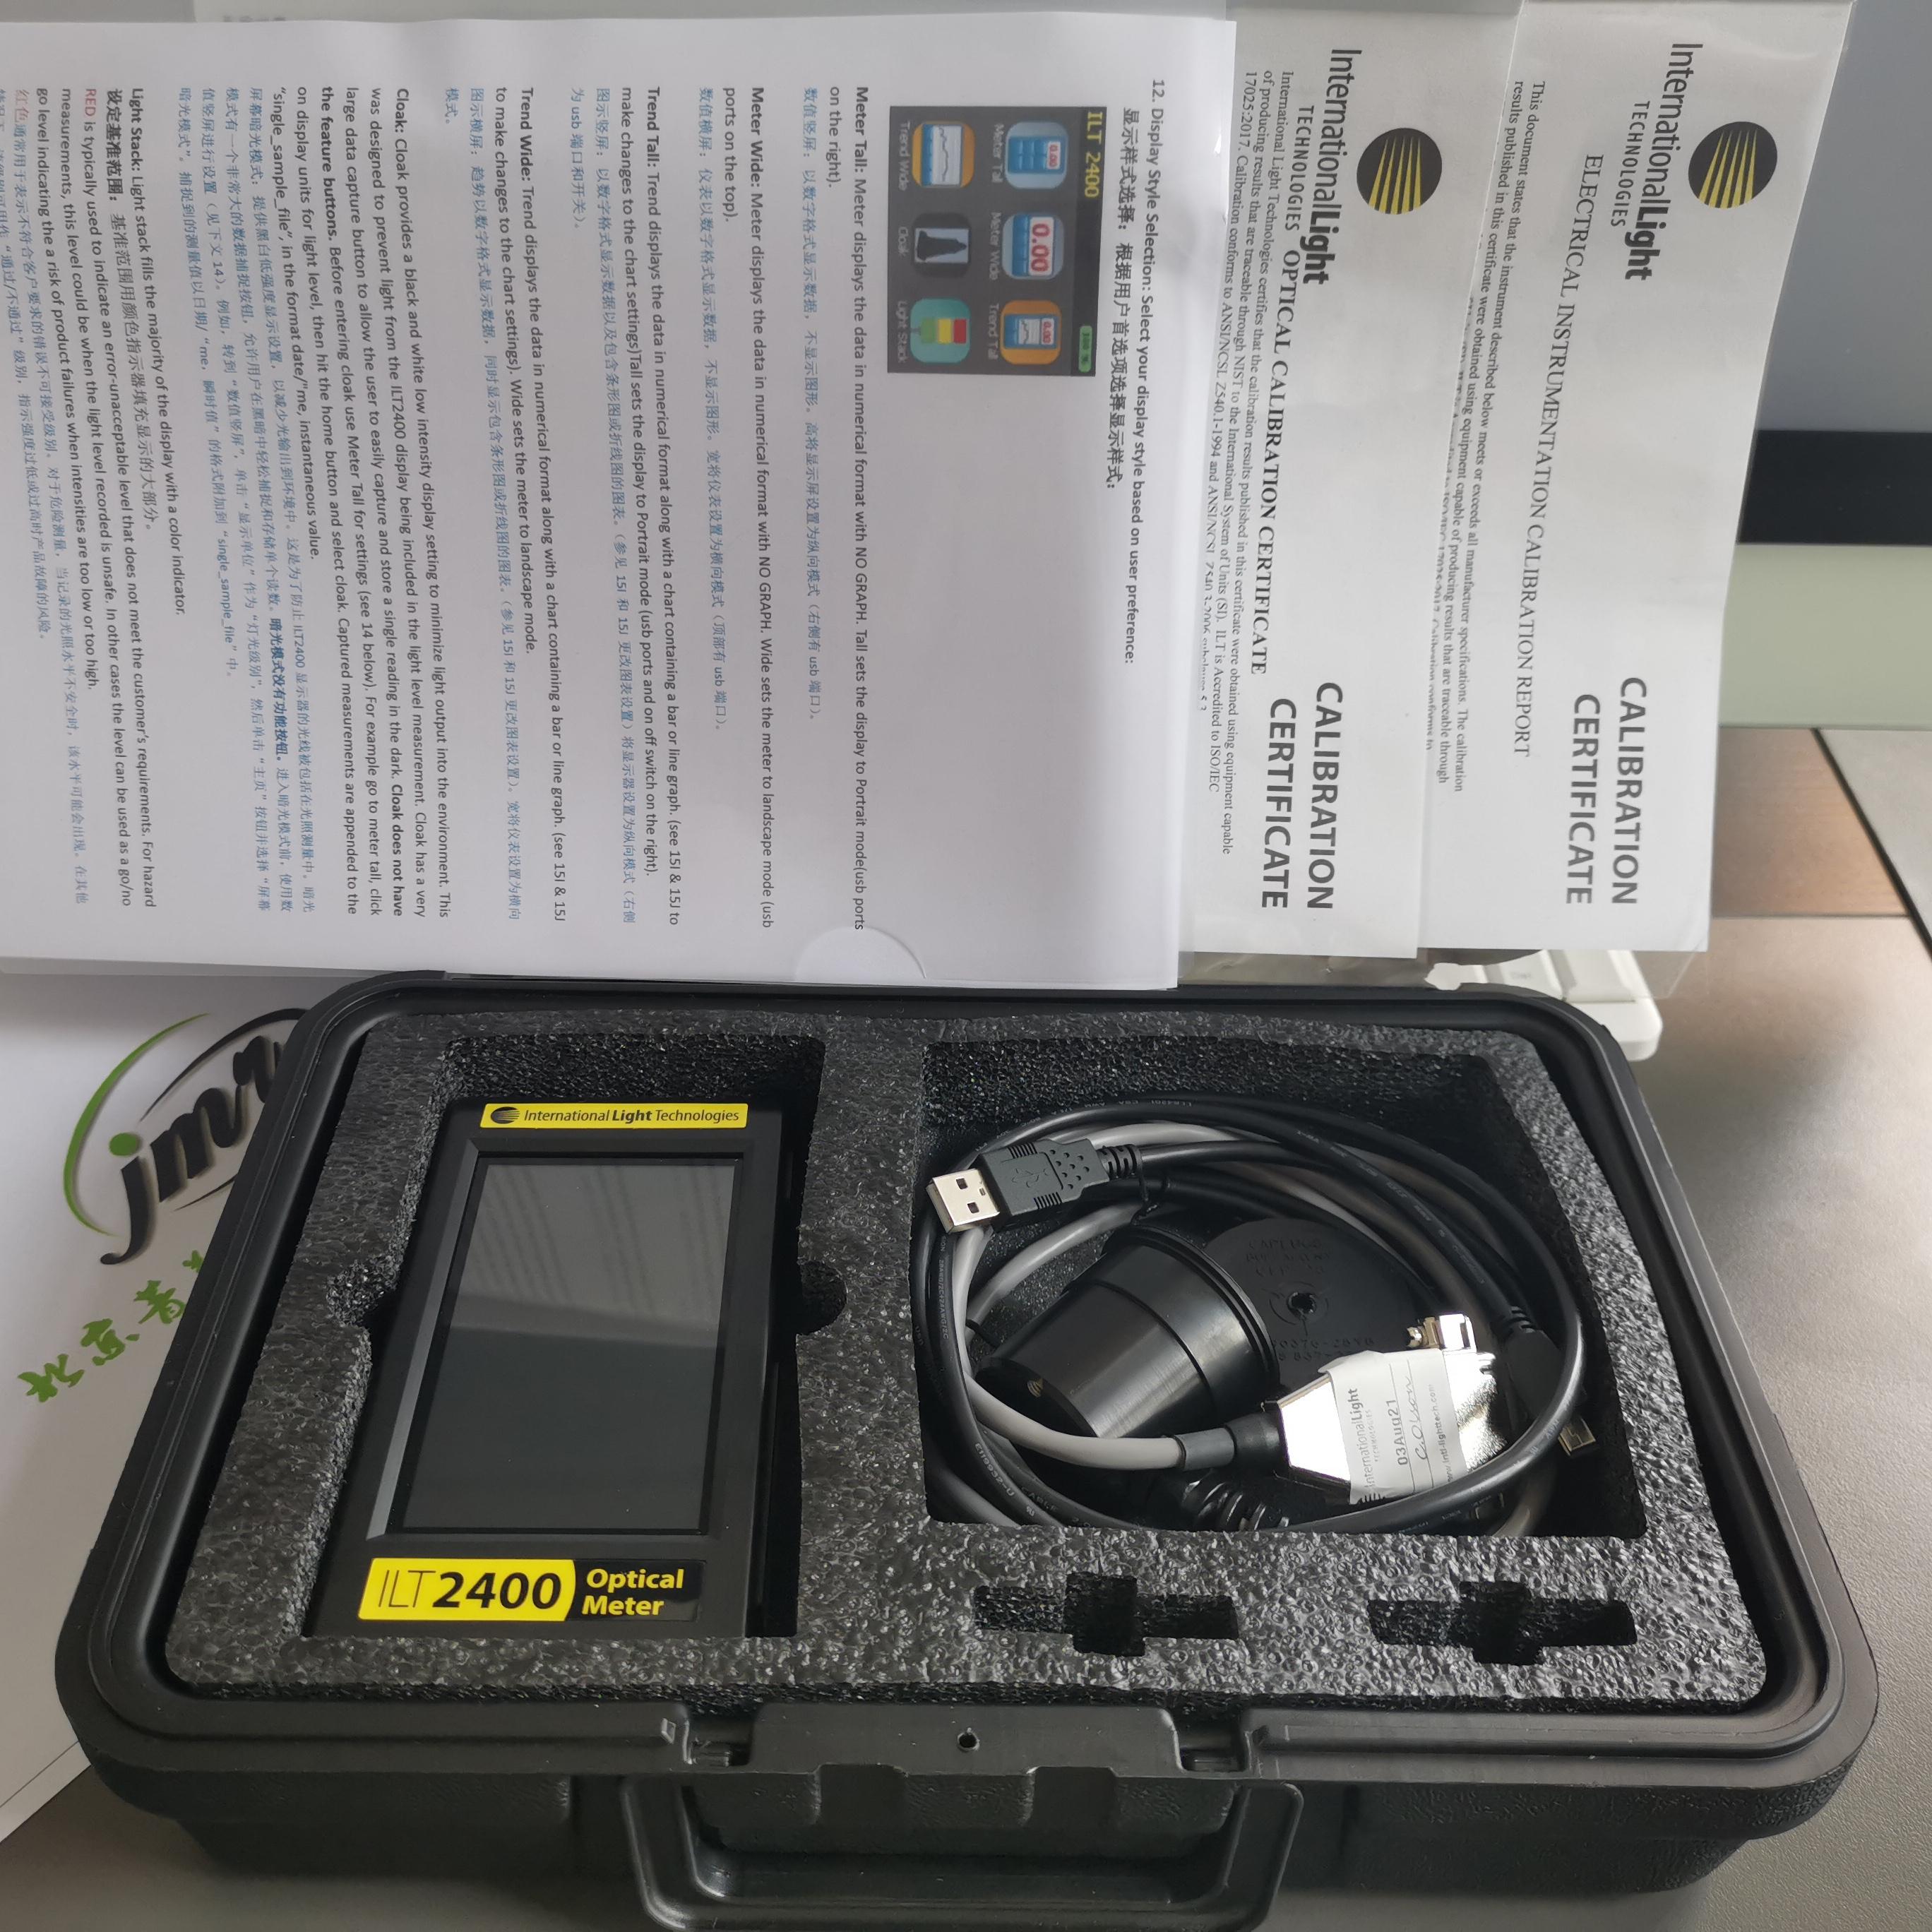 美國International Light(IL) ILT2400 手持式輻照計/照度計/驗光計